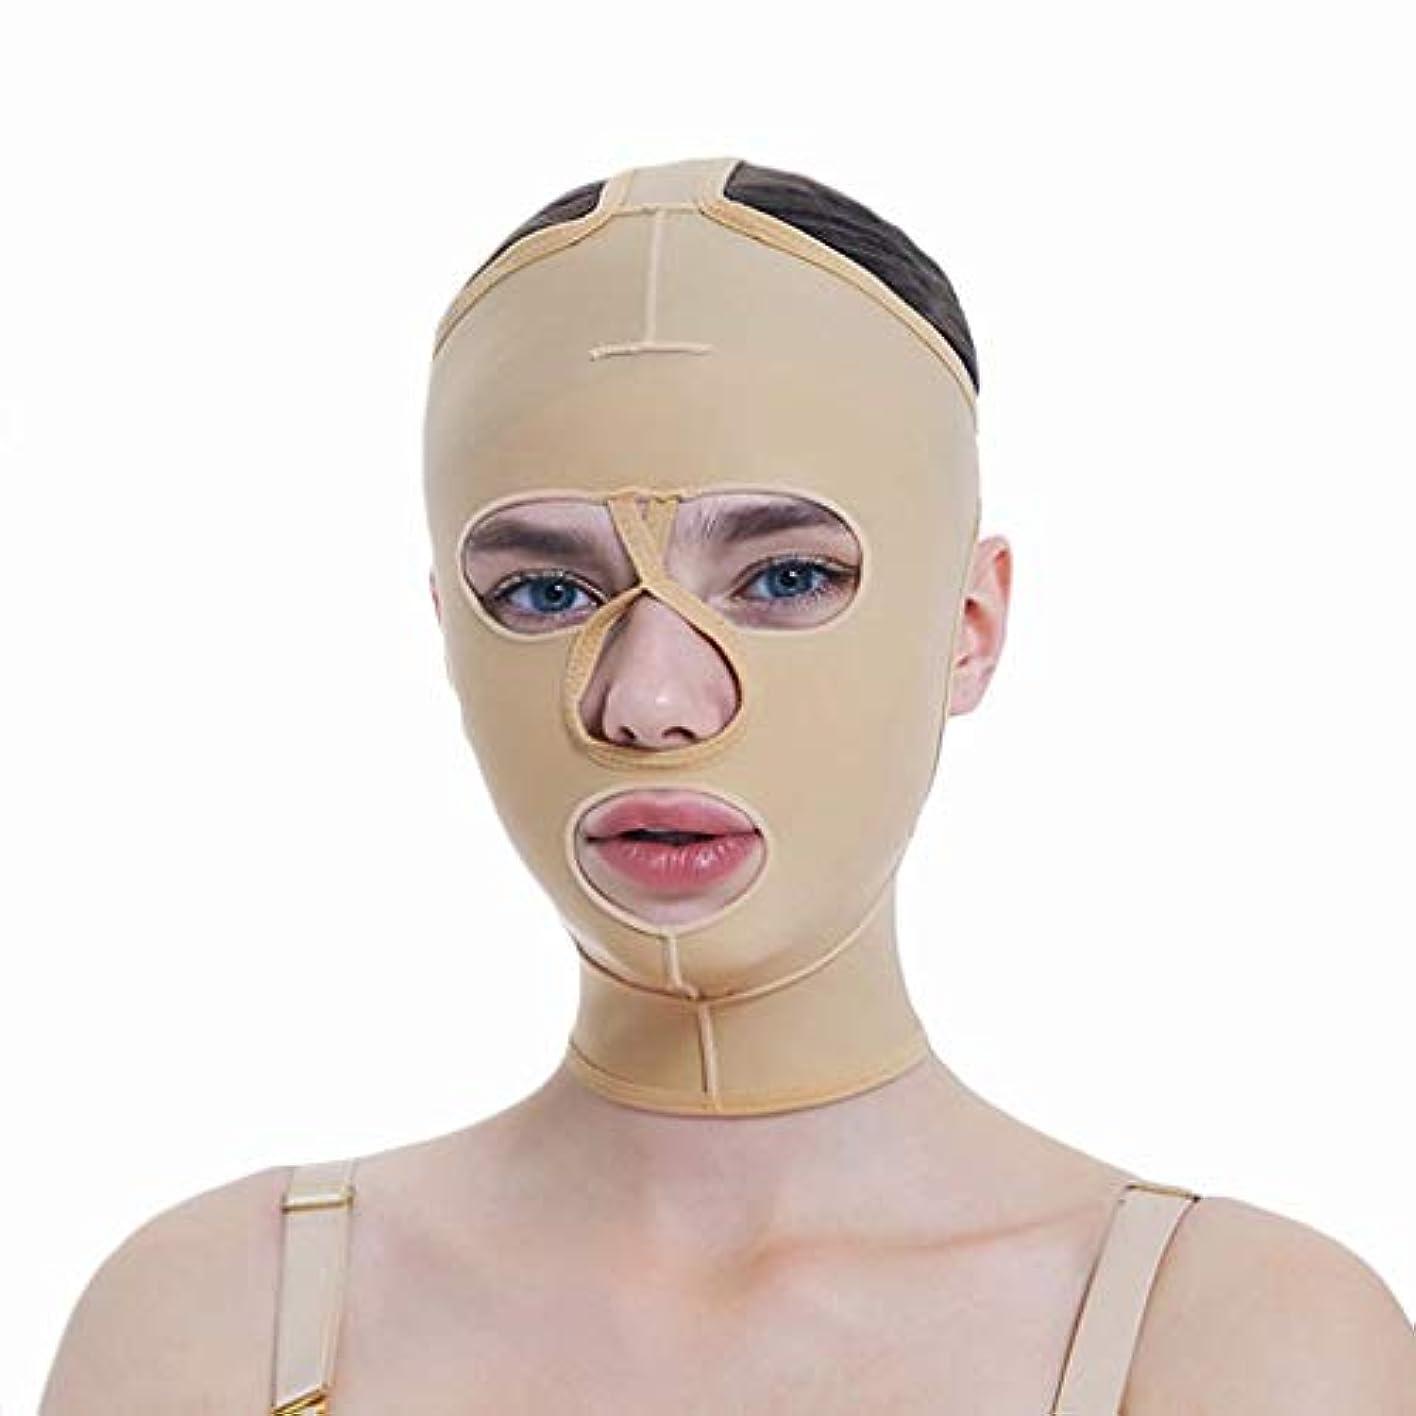 ミキサー彼ディレイフェイシャル減量マスク、フルカバレッジ包帯、フルフェイスリフティングマスク、フェイスマスク、快適で リフティングシェーピング(サイズ:S),ザ?